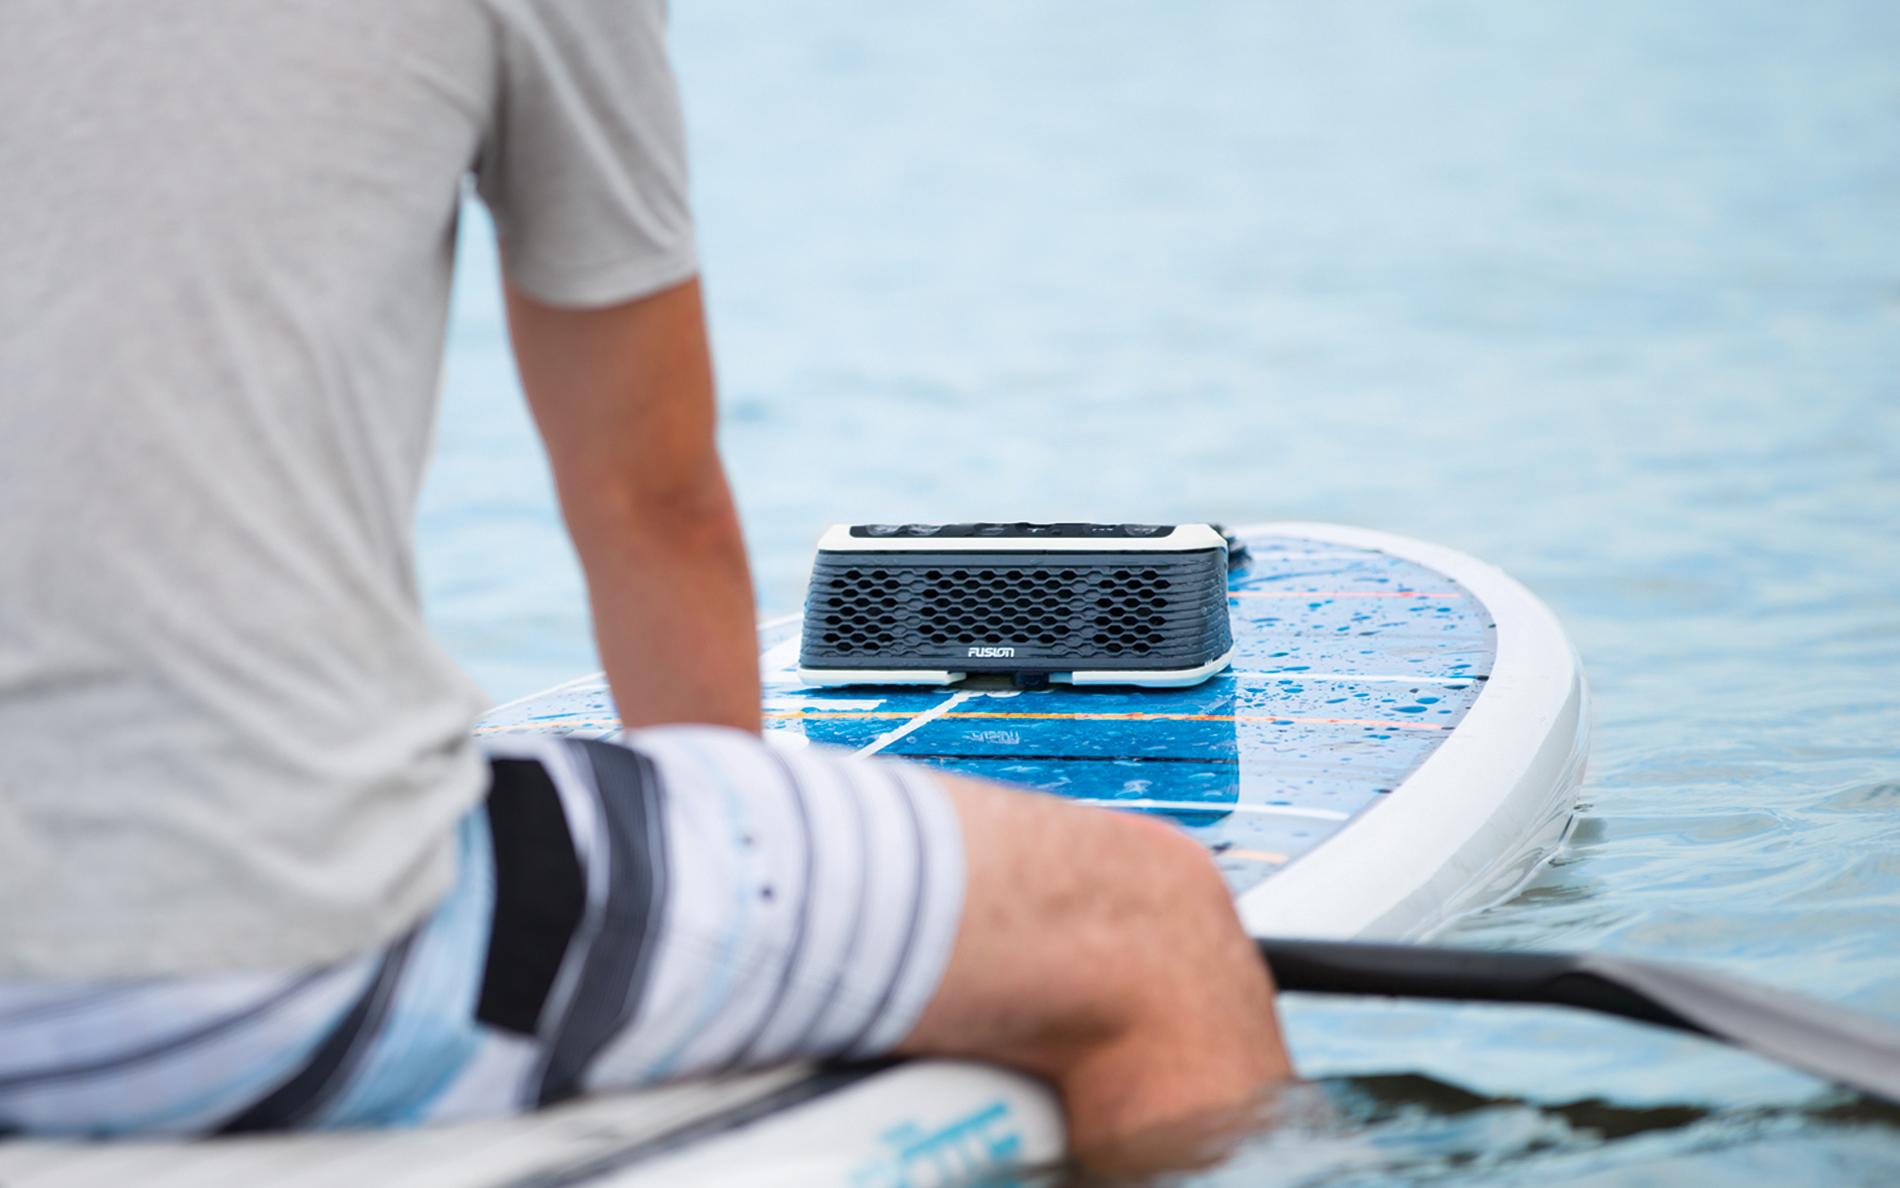 Fusion-stereoactive-review-waterproof-speaker-hero